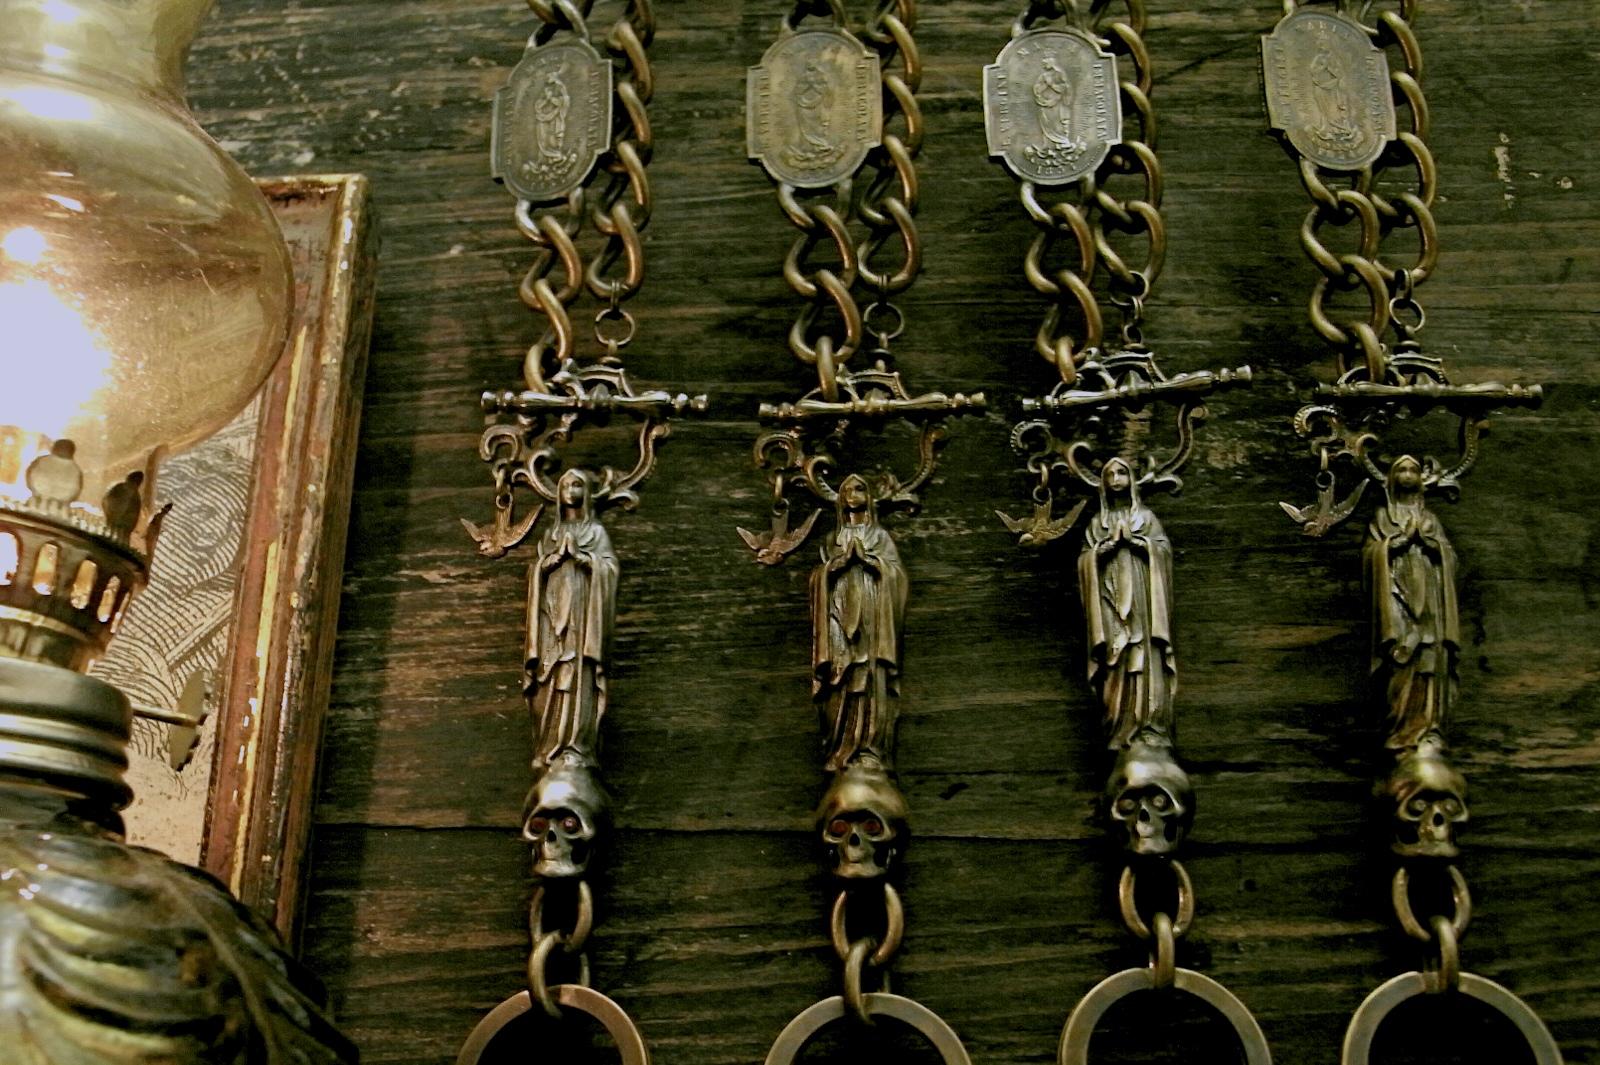 聖母マリアが鎮座するキーチェーン【NDL Keychain】